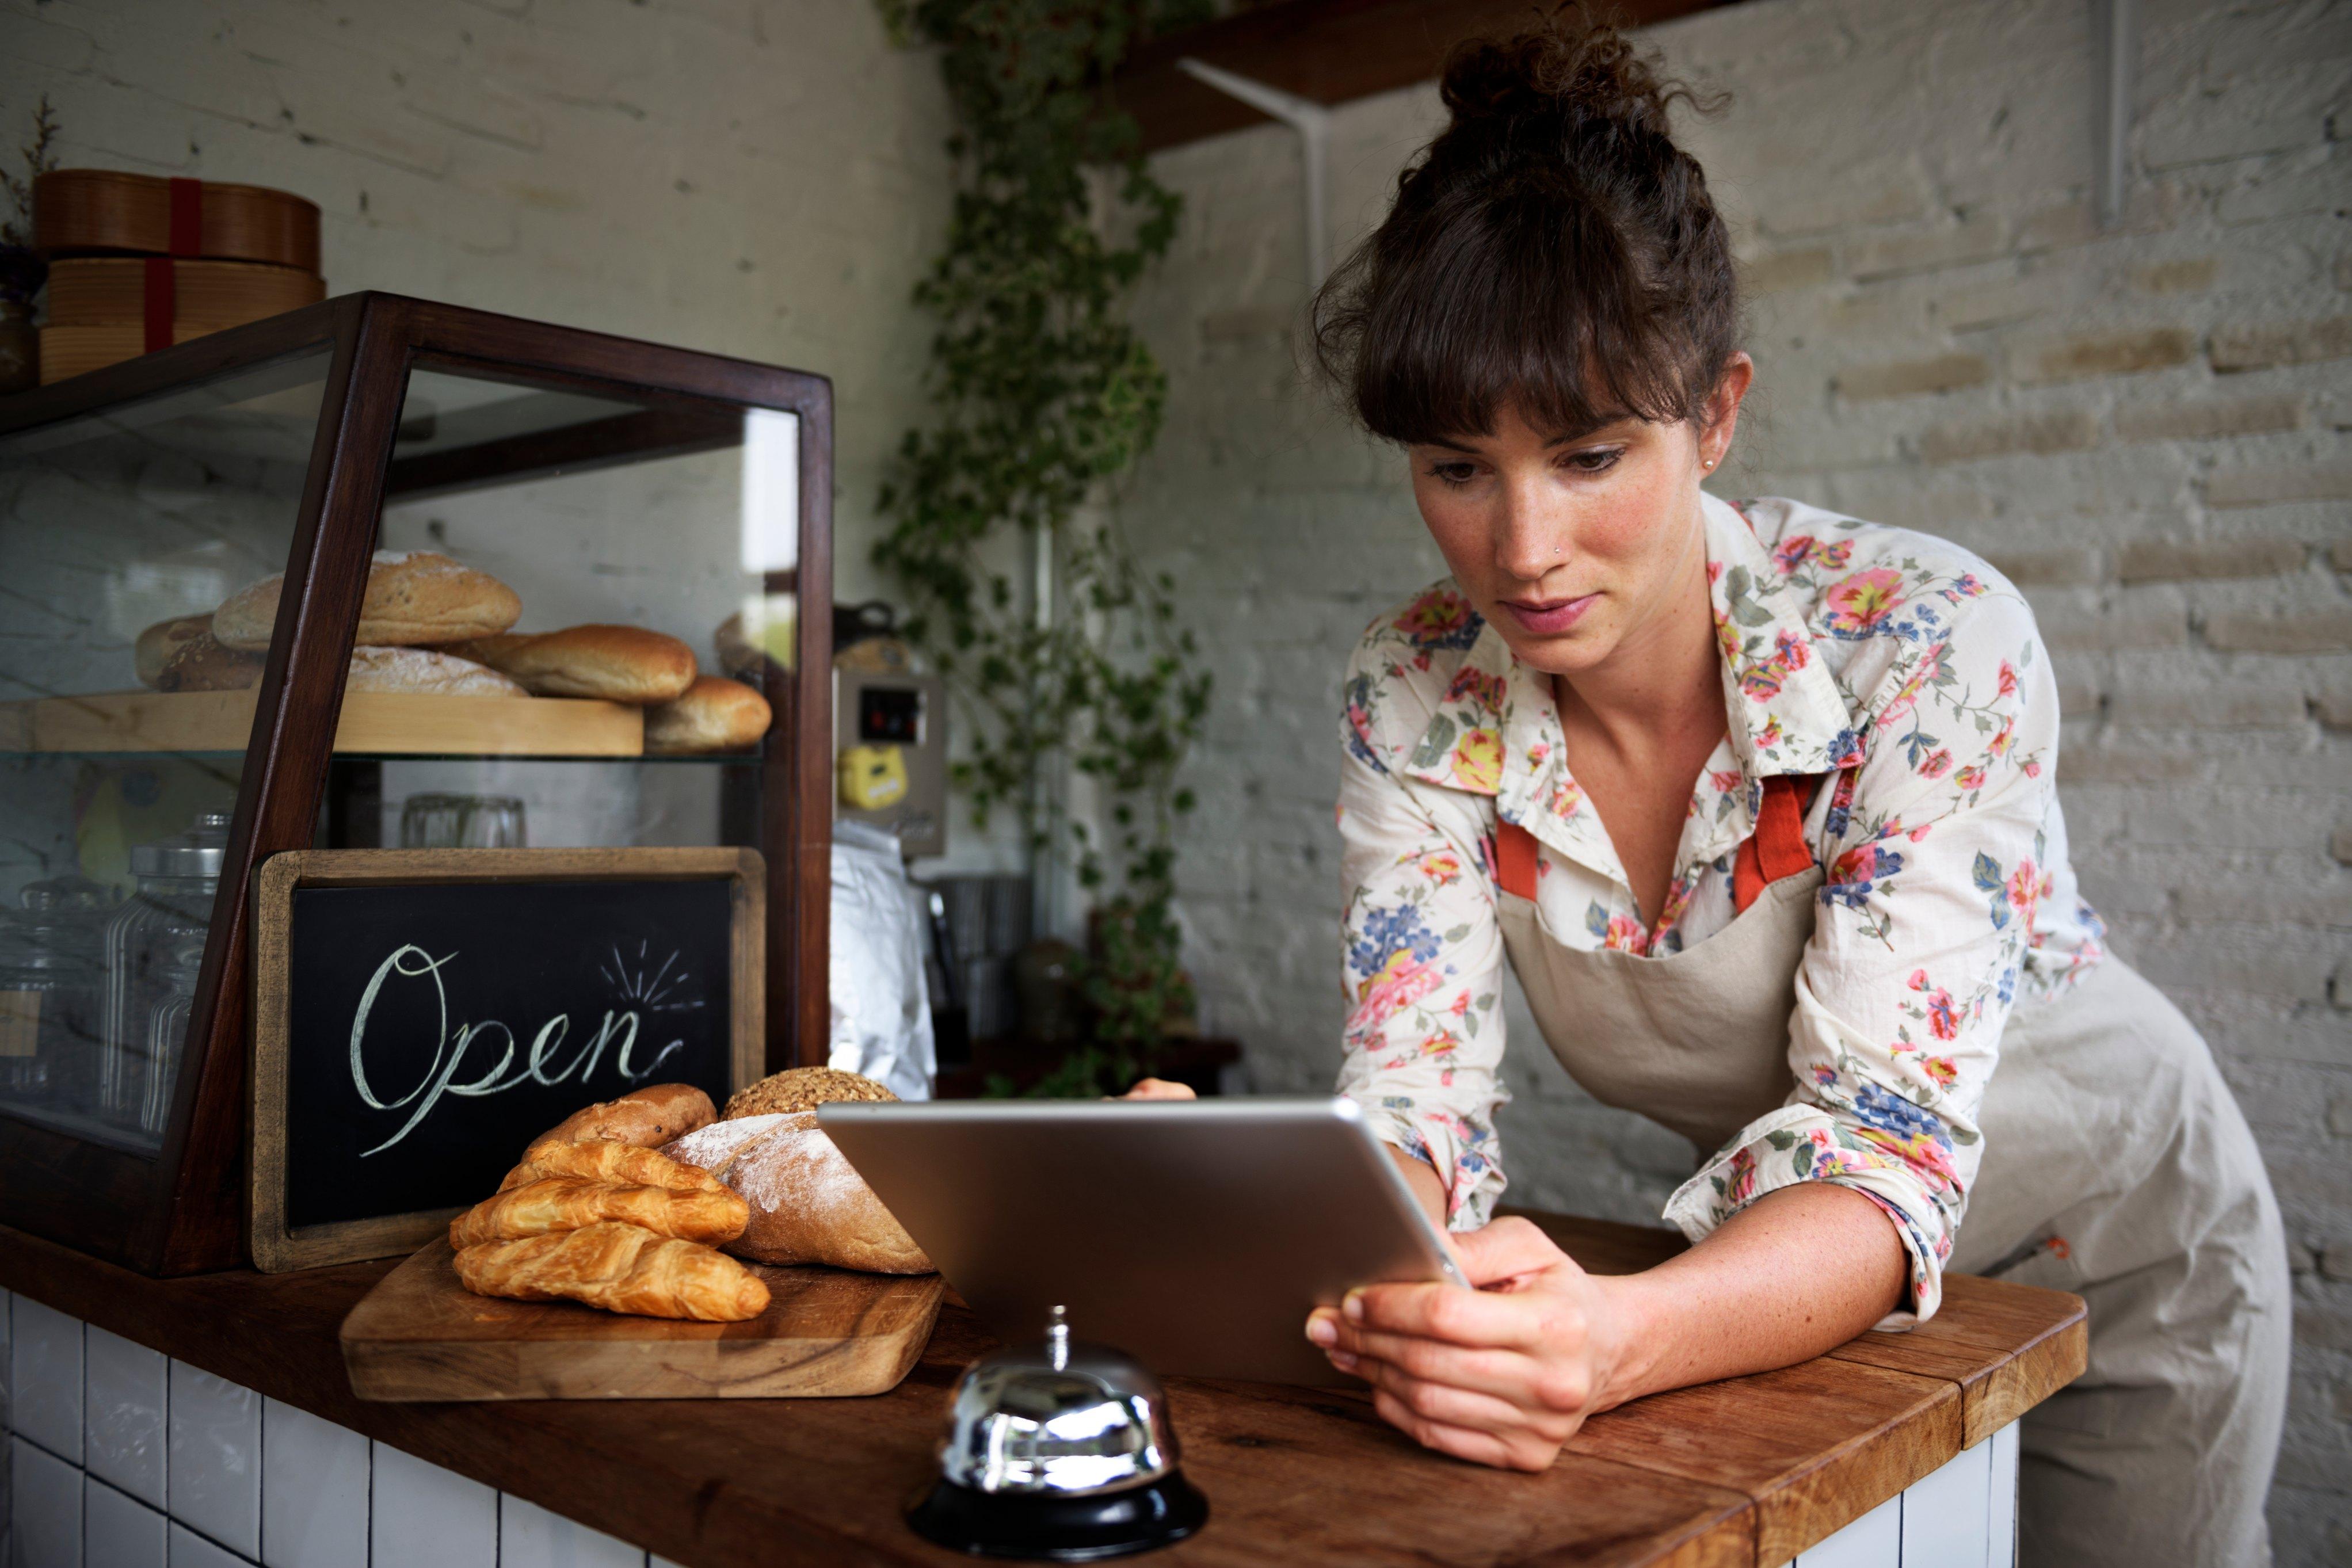 Women in bakery